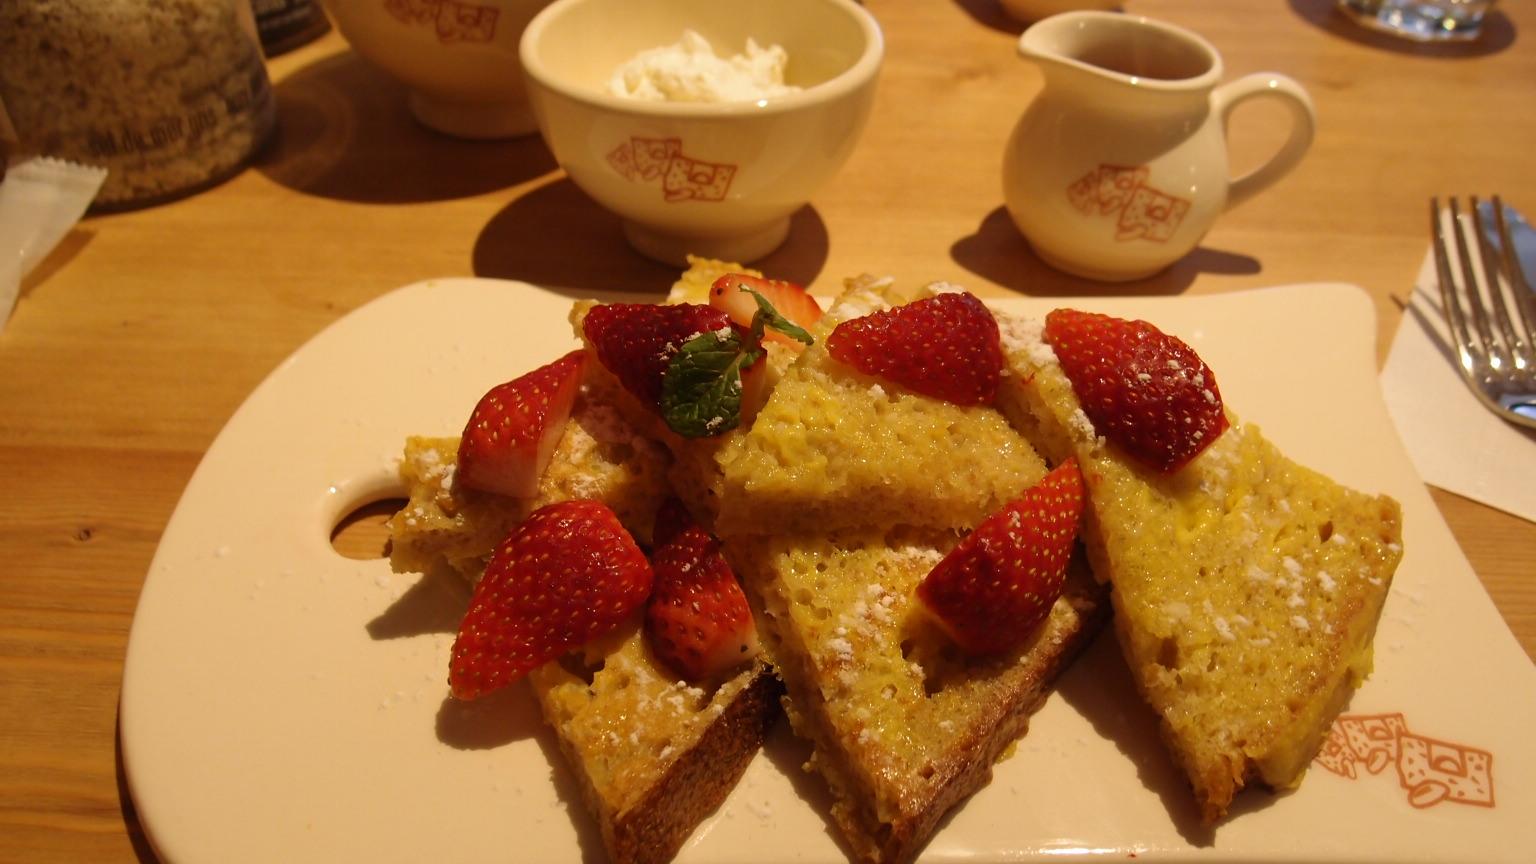 有楽町 ル・パン・コティディアン オーガニック小麦のフレンチトースト | キッシュwithスープ